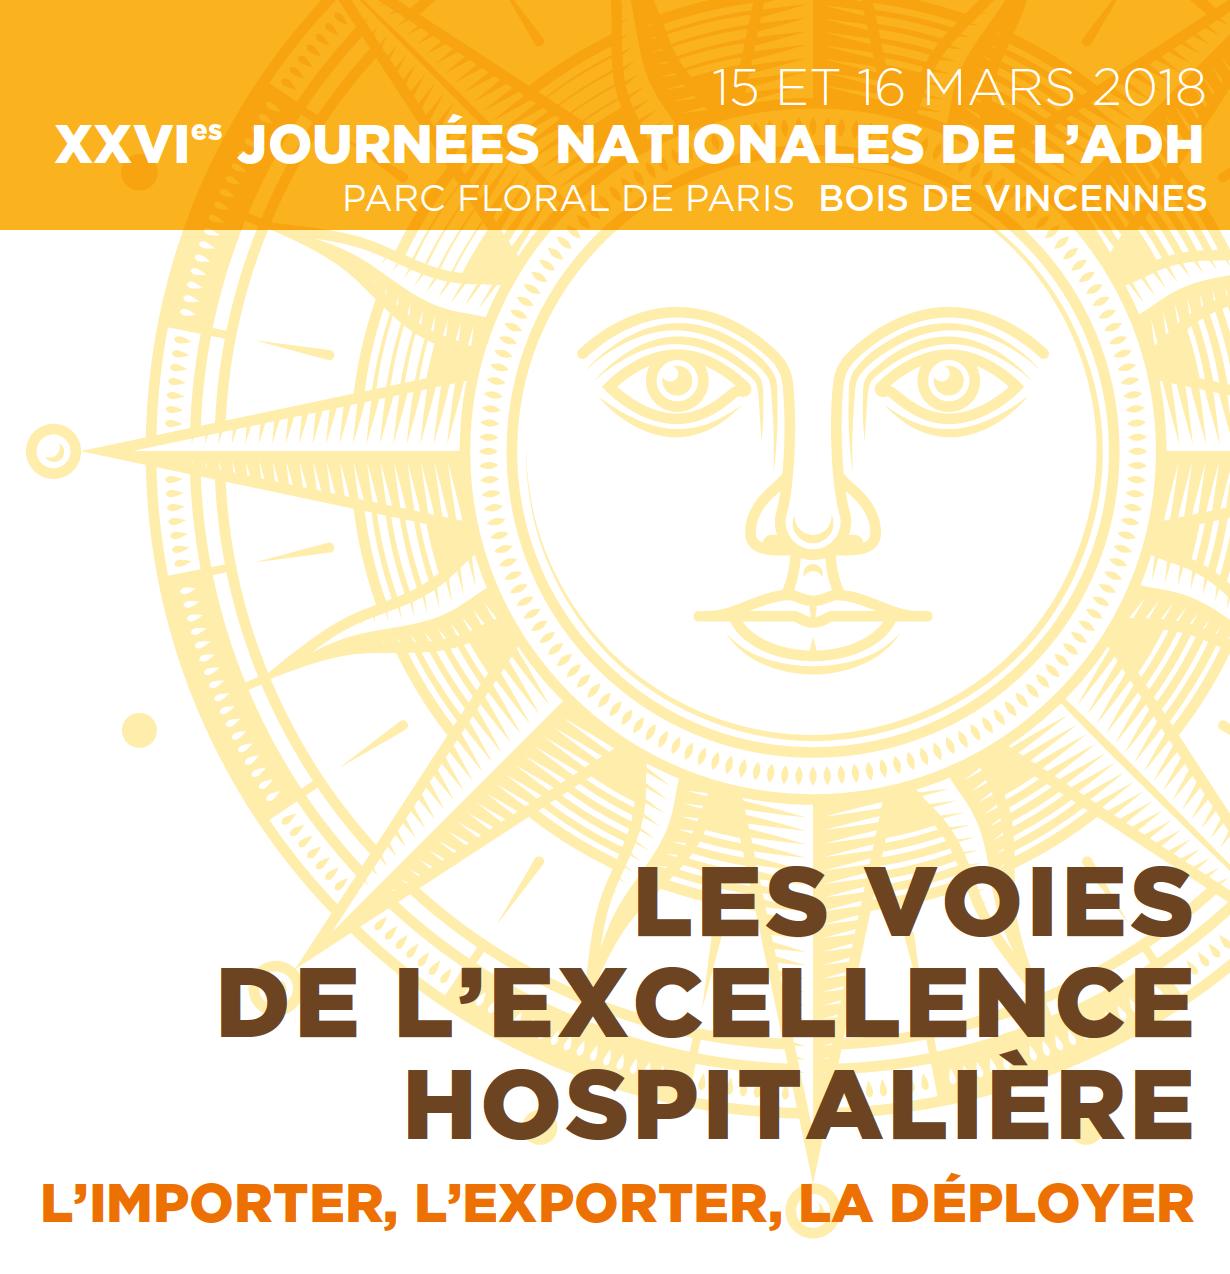 26es journées nationales de l'ADH: les inscriptions sont ouvertes!